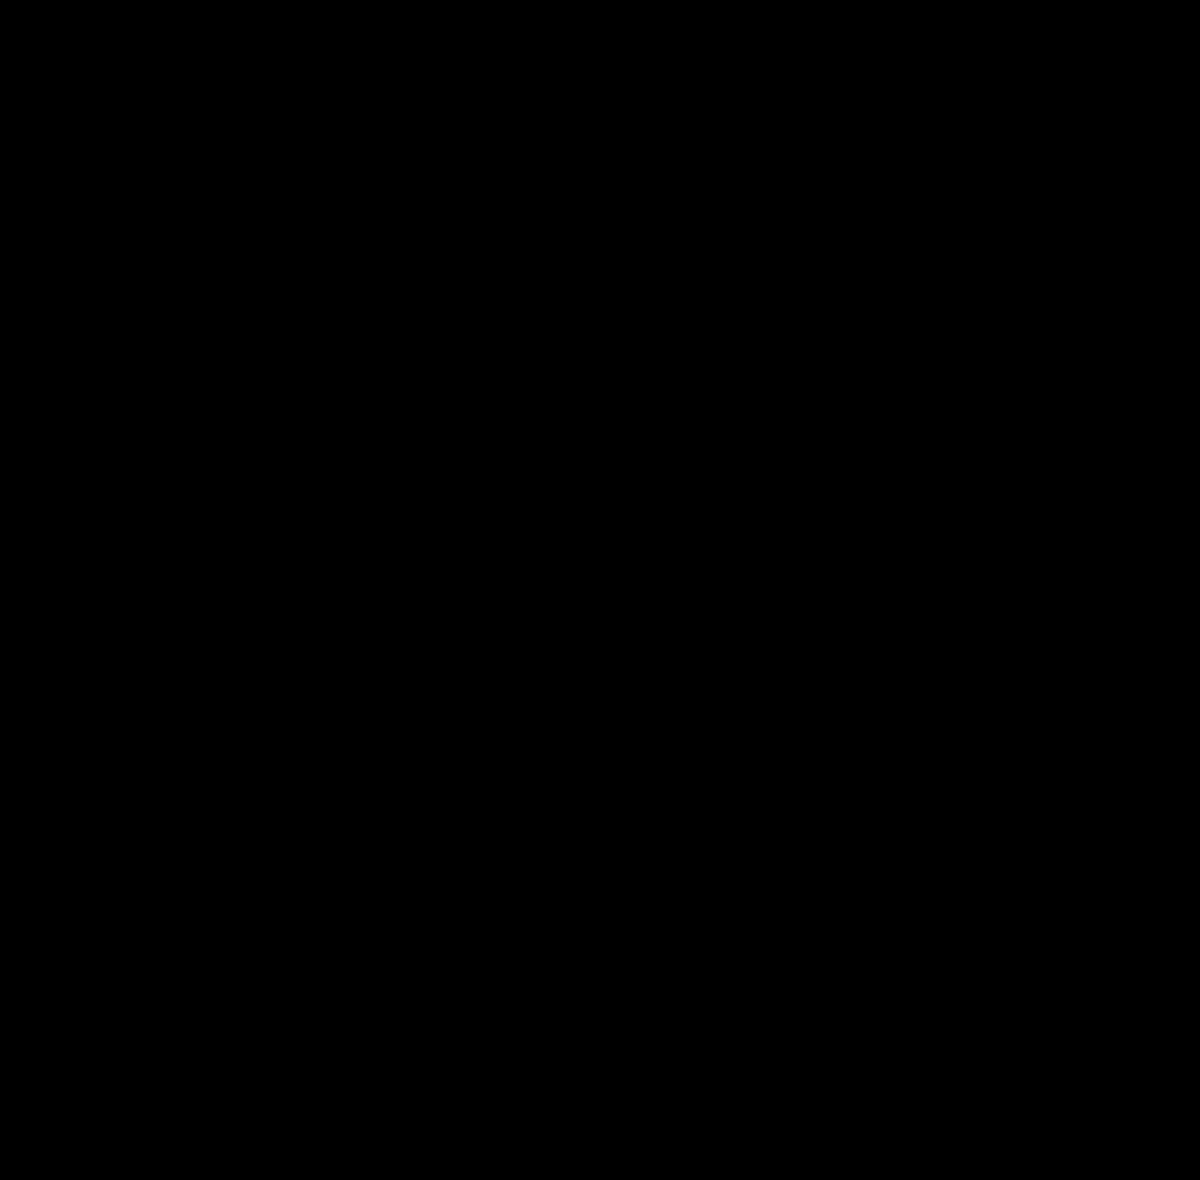 pentapolar-spiral-layer7